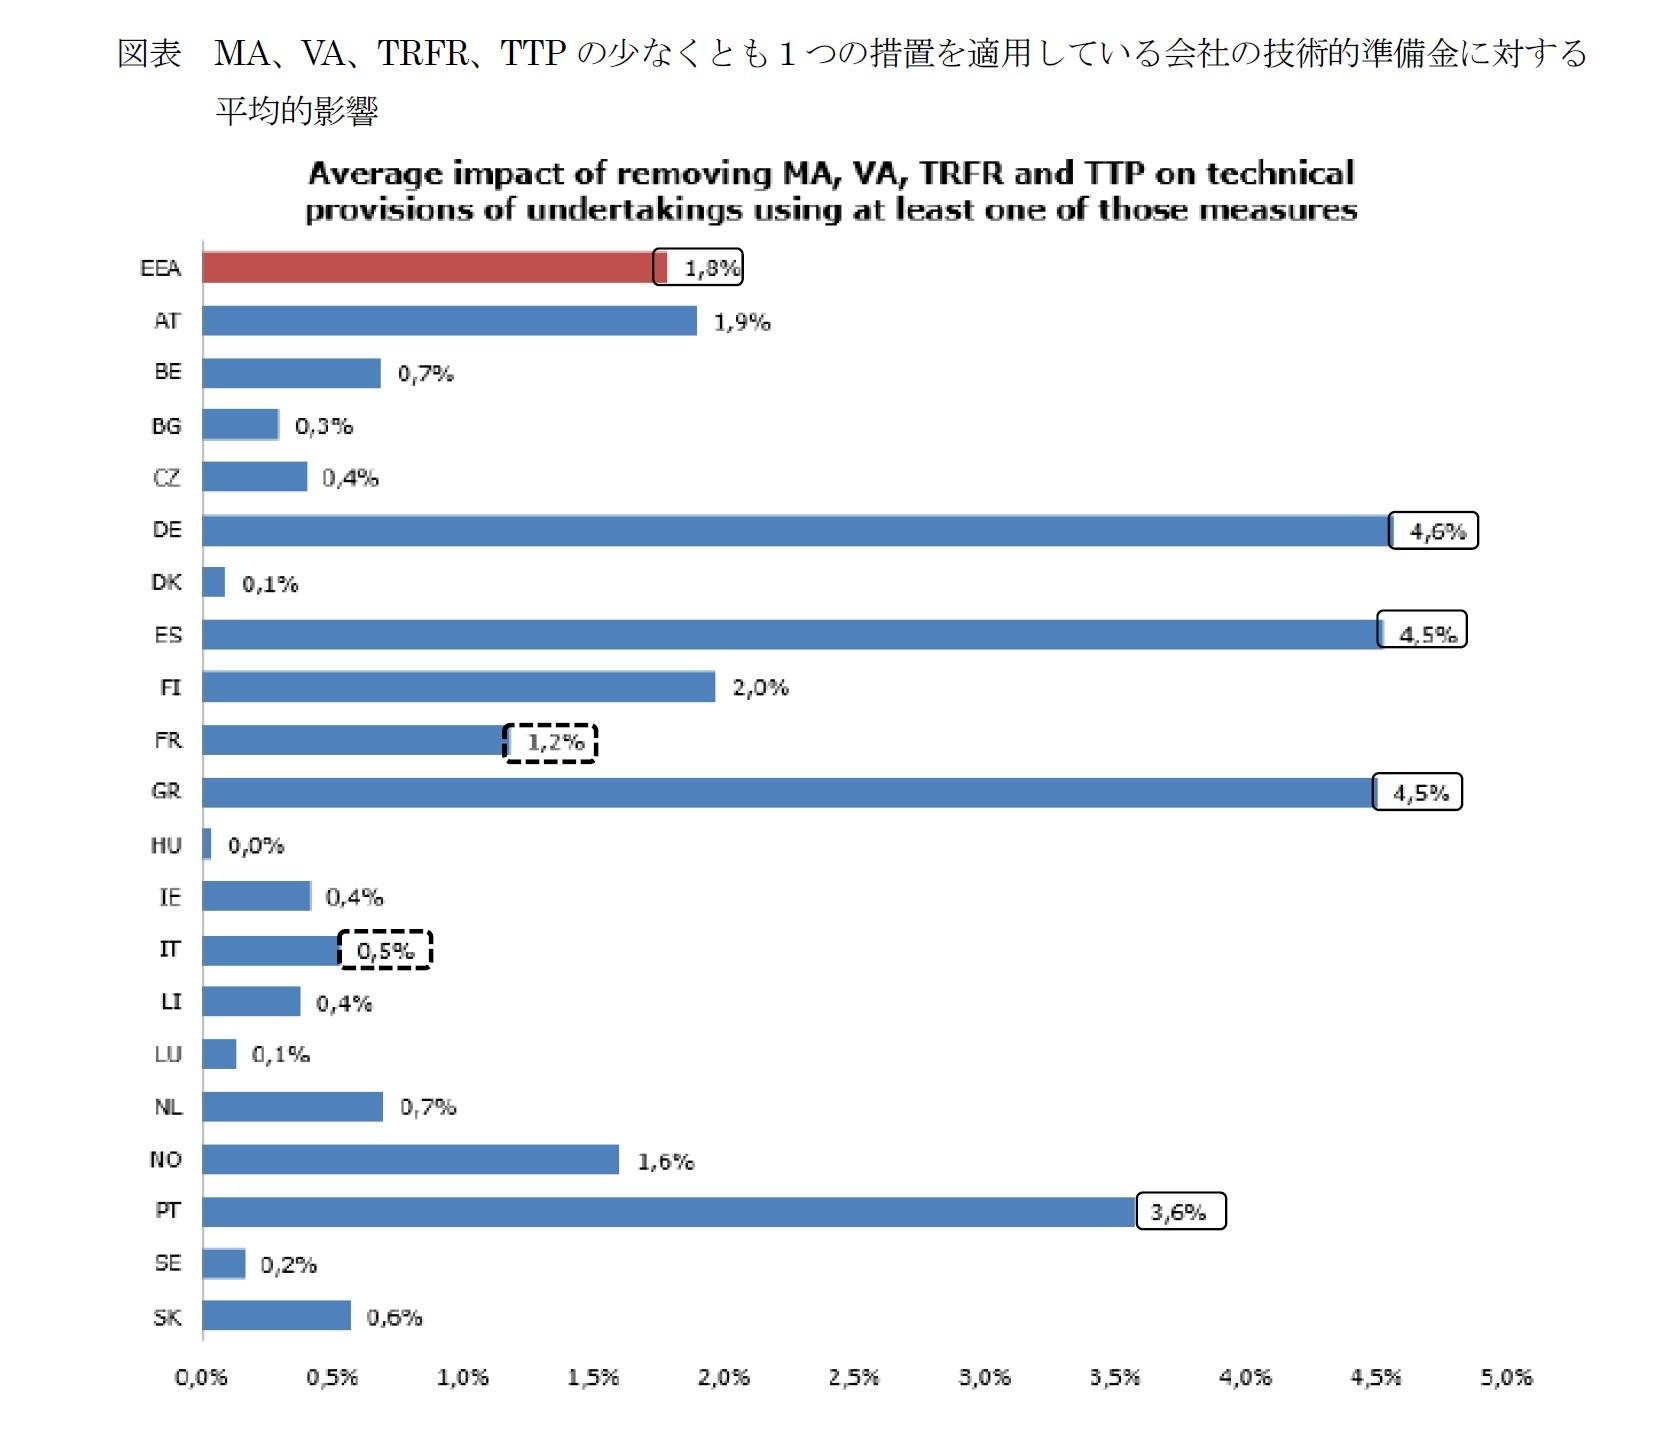 図表 MA、VA、TRFR、TTPの少なくとも1つの措置を適用している会社の技術的準備金に対する平均的影響